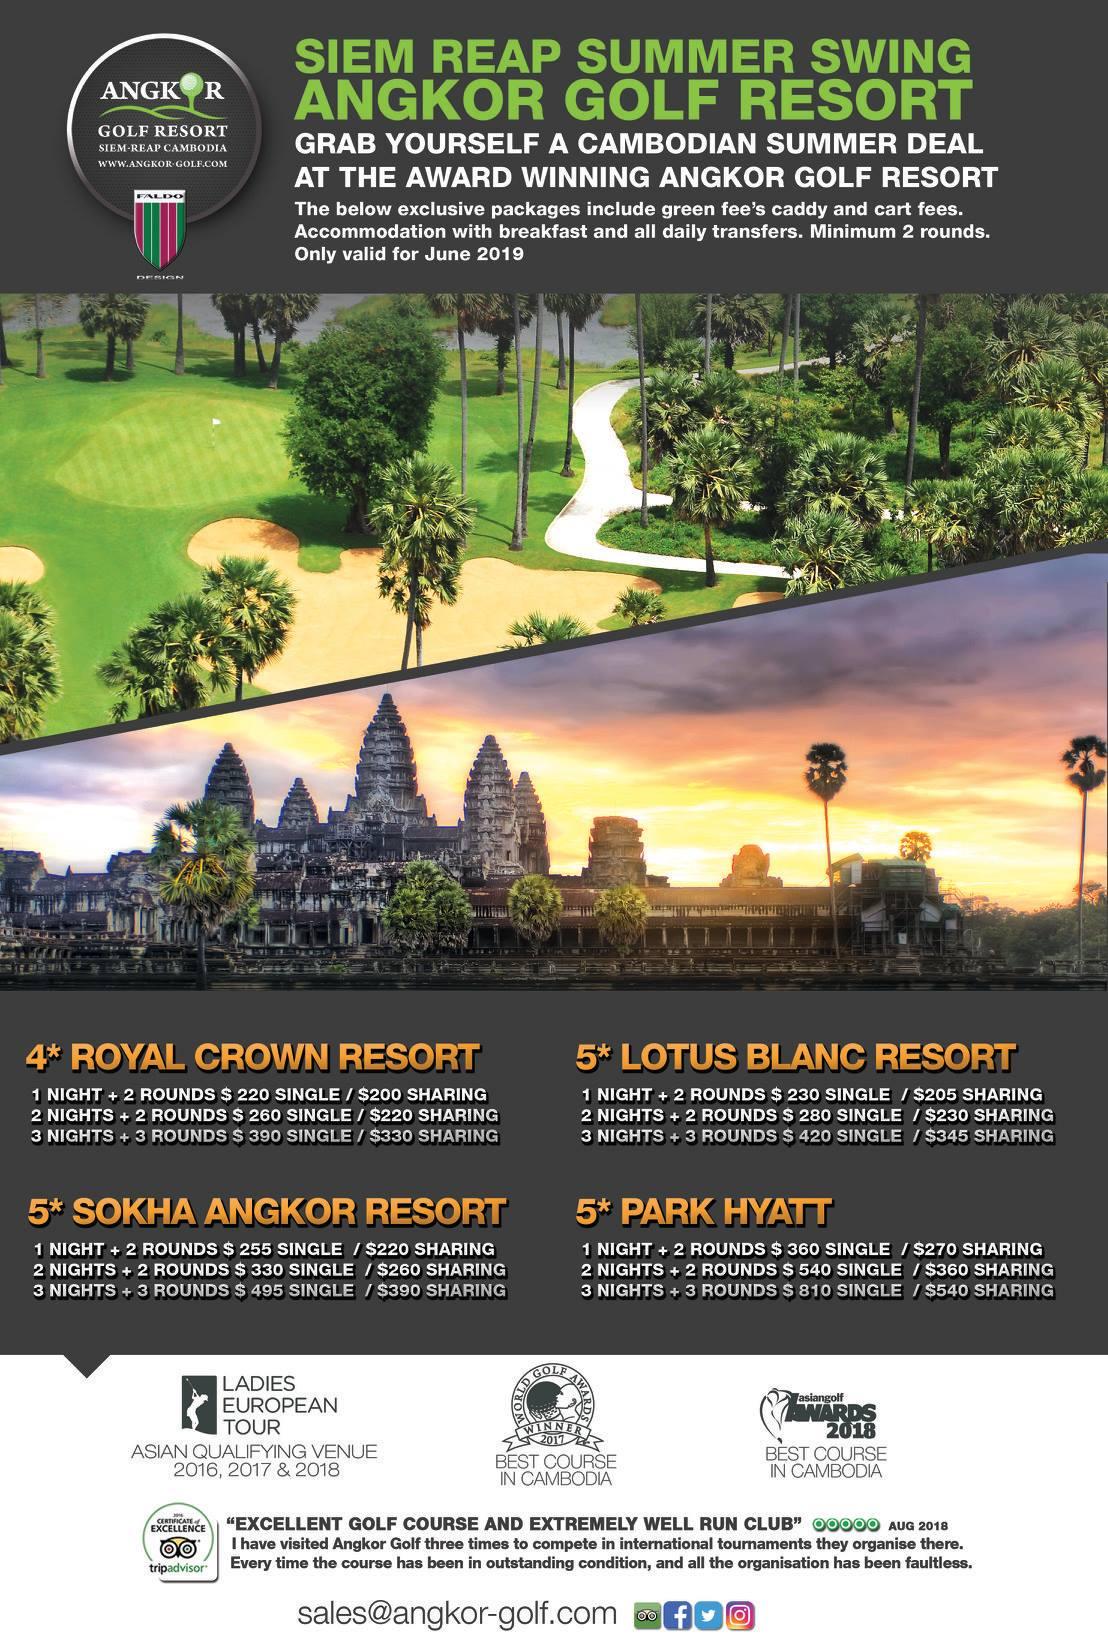 Siem Reap Summer Golf Deal